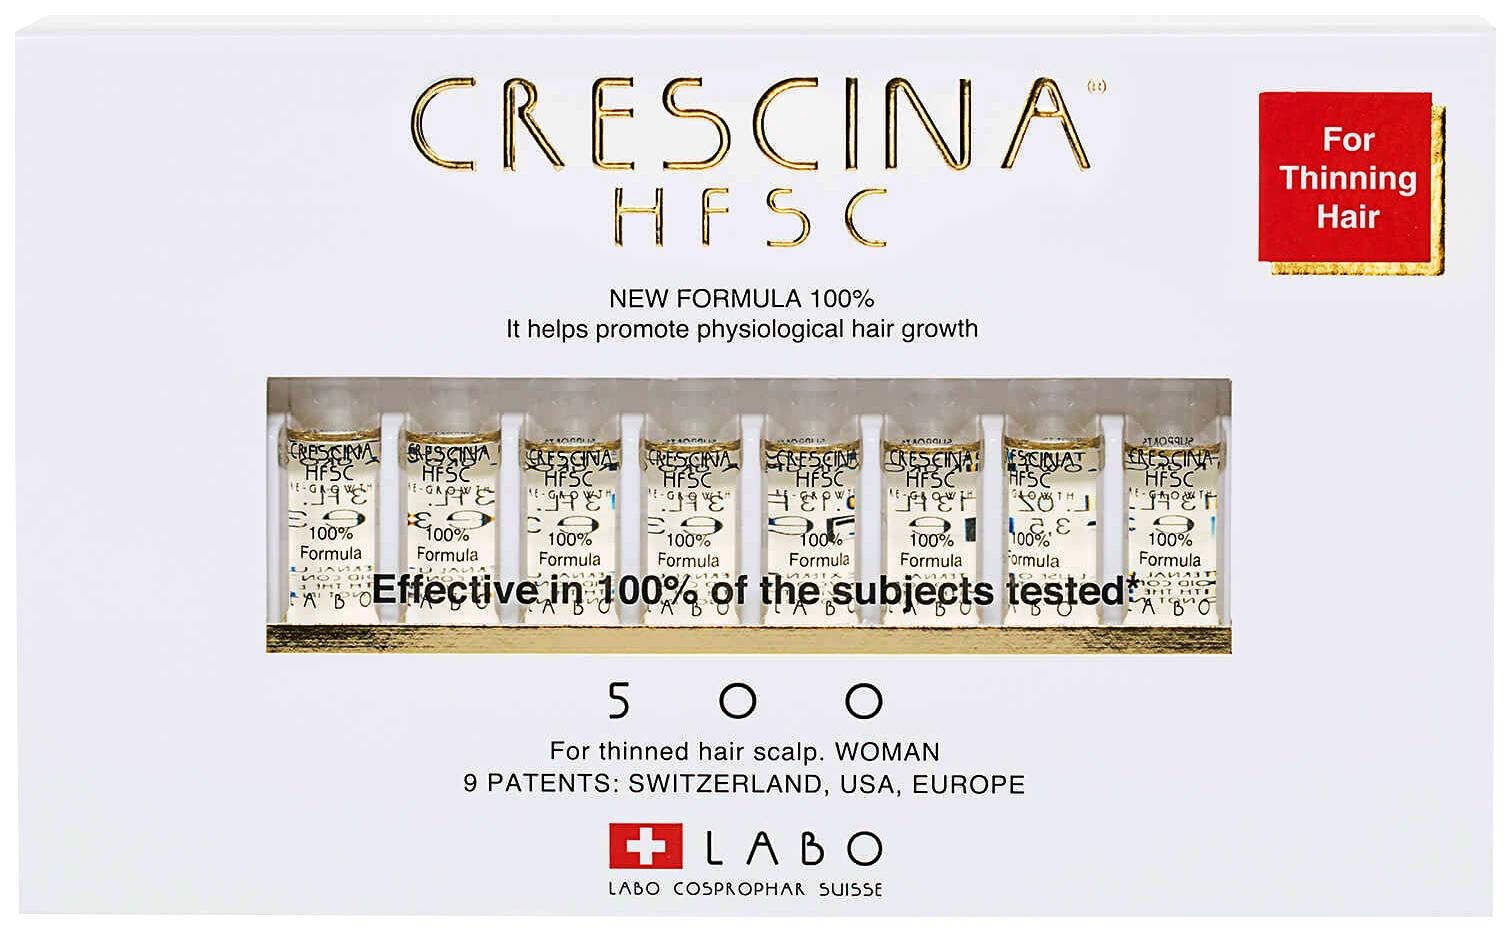 Купить Ампулы для волос Crescina 500 для стимулирования роста волос для женщин №20, 500 HFSC 100% для стимулирования роста волос для женщин